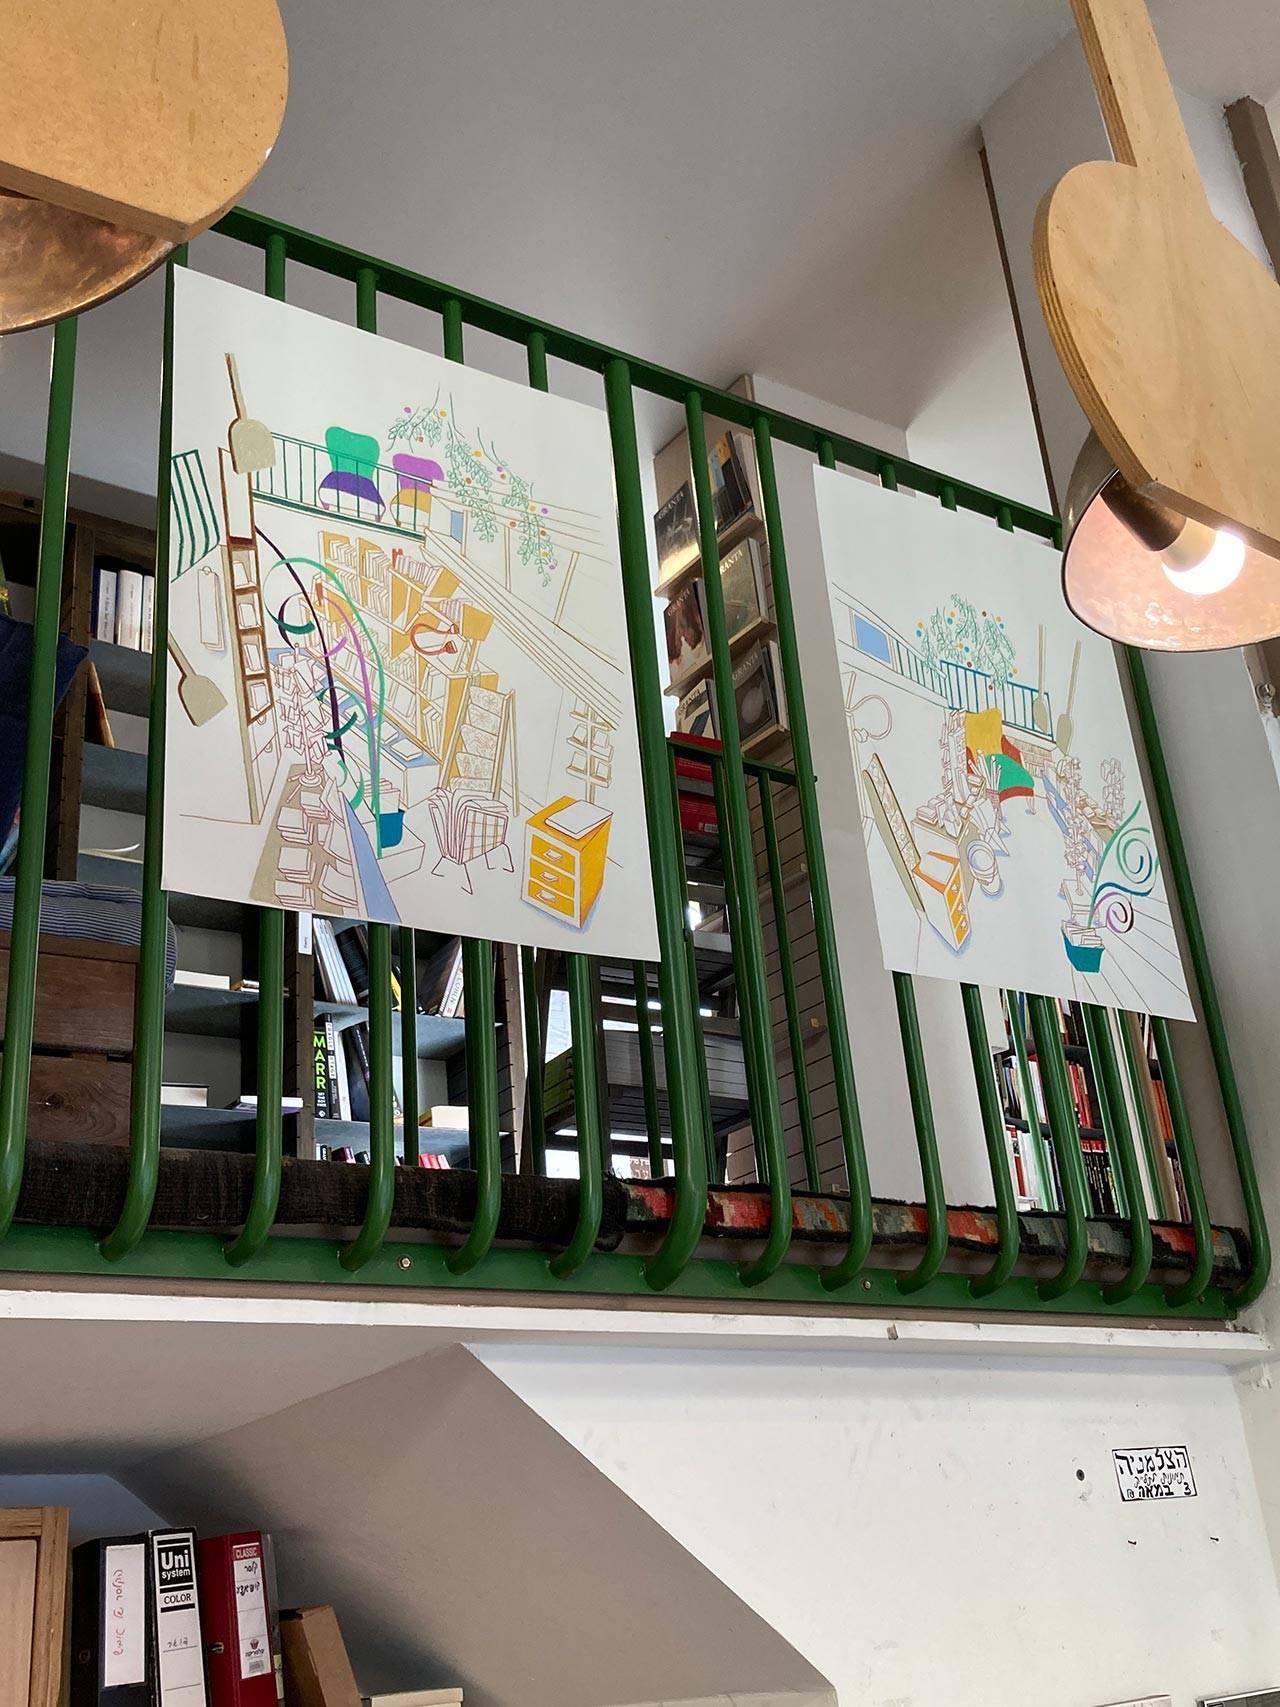 קרן כץ, מתוך התערוכה חנויות ומלאכות